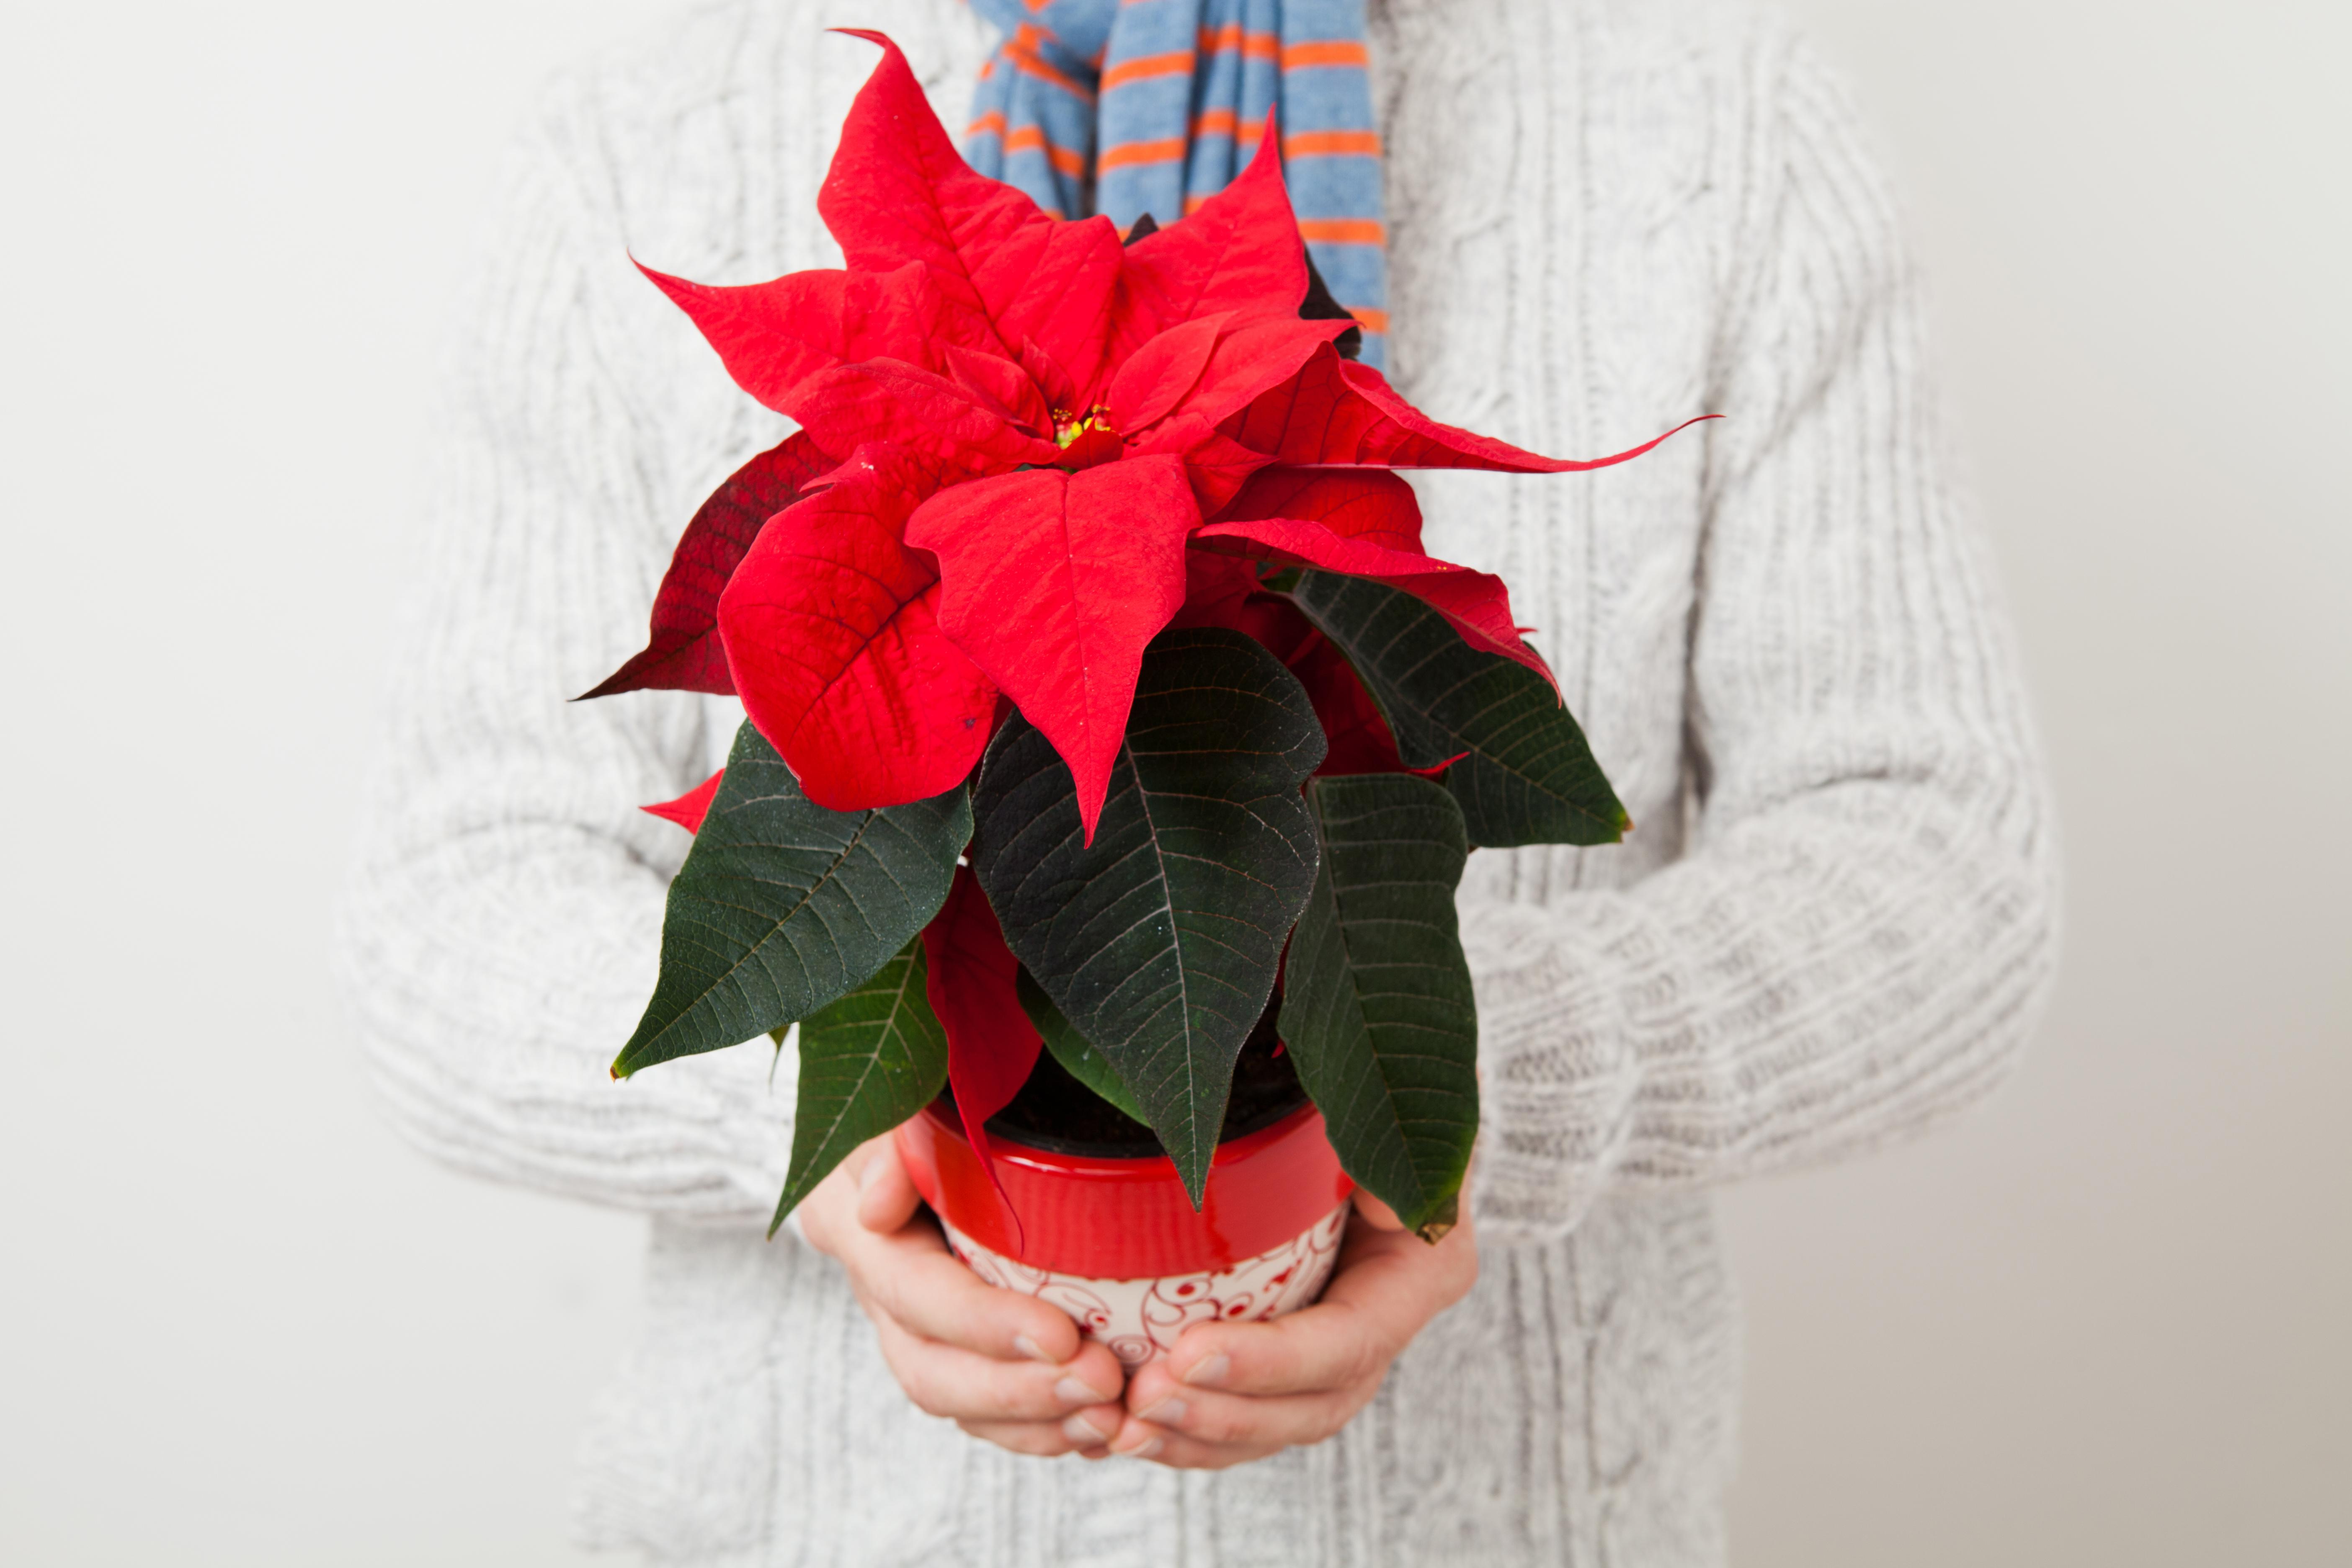 Pianta Stella Di Natale Prezzo.Piante Da Regalare A Natale Con 10 Euro Fito